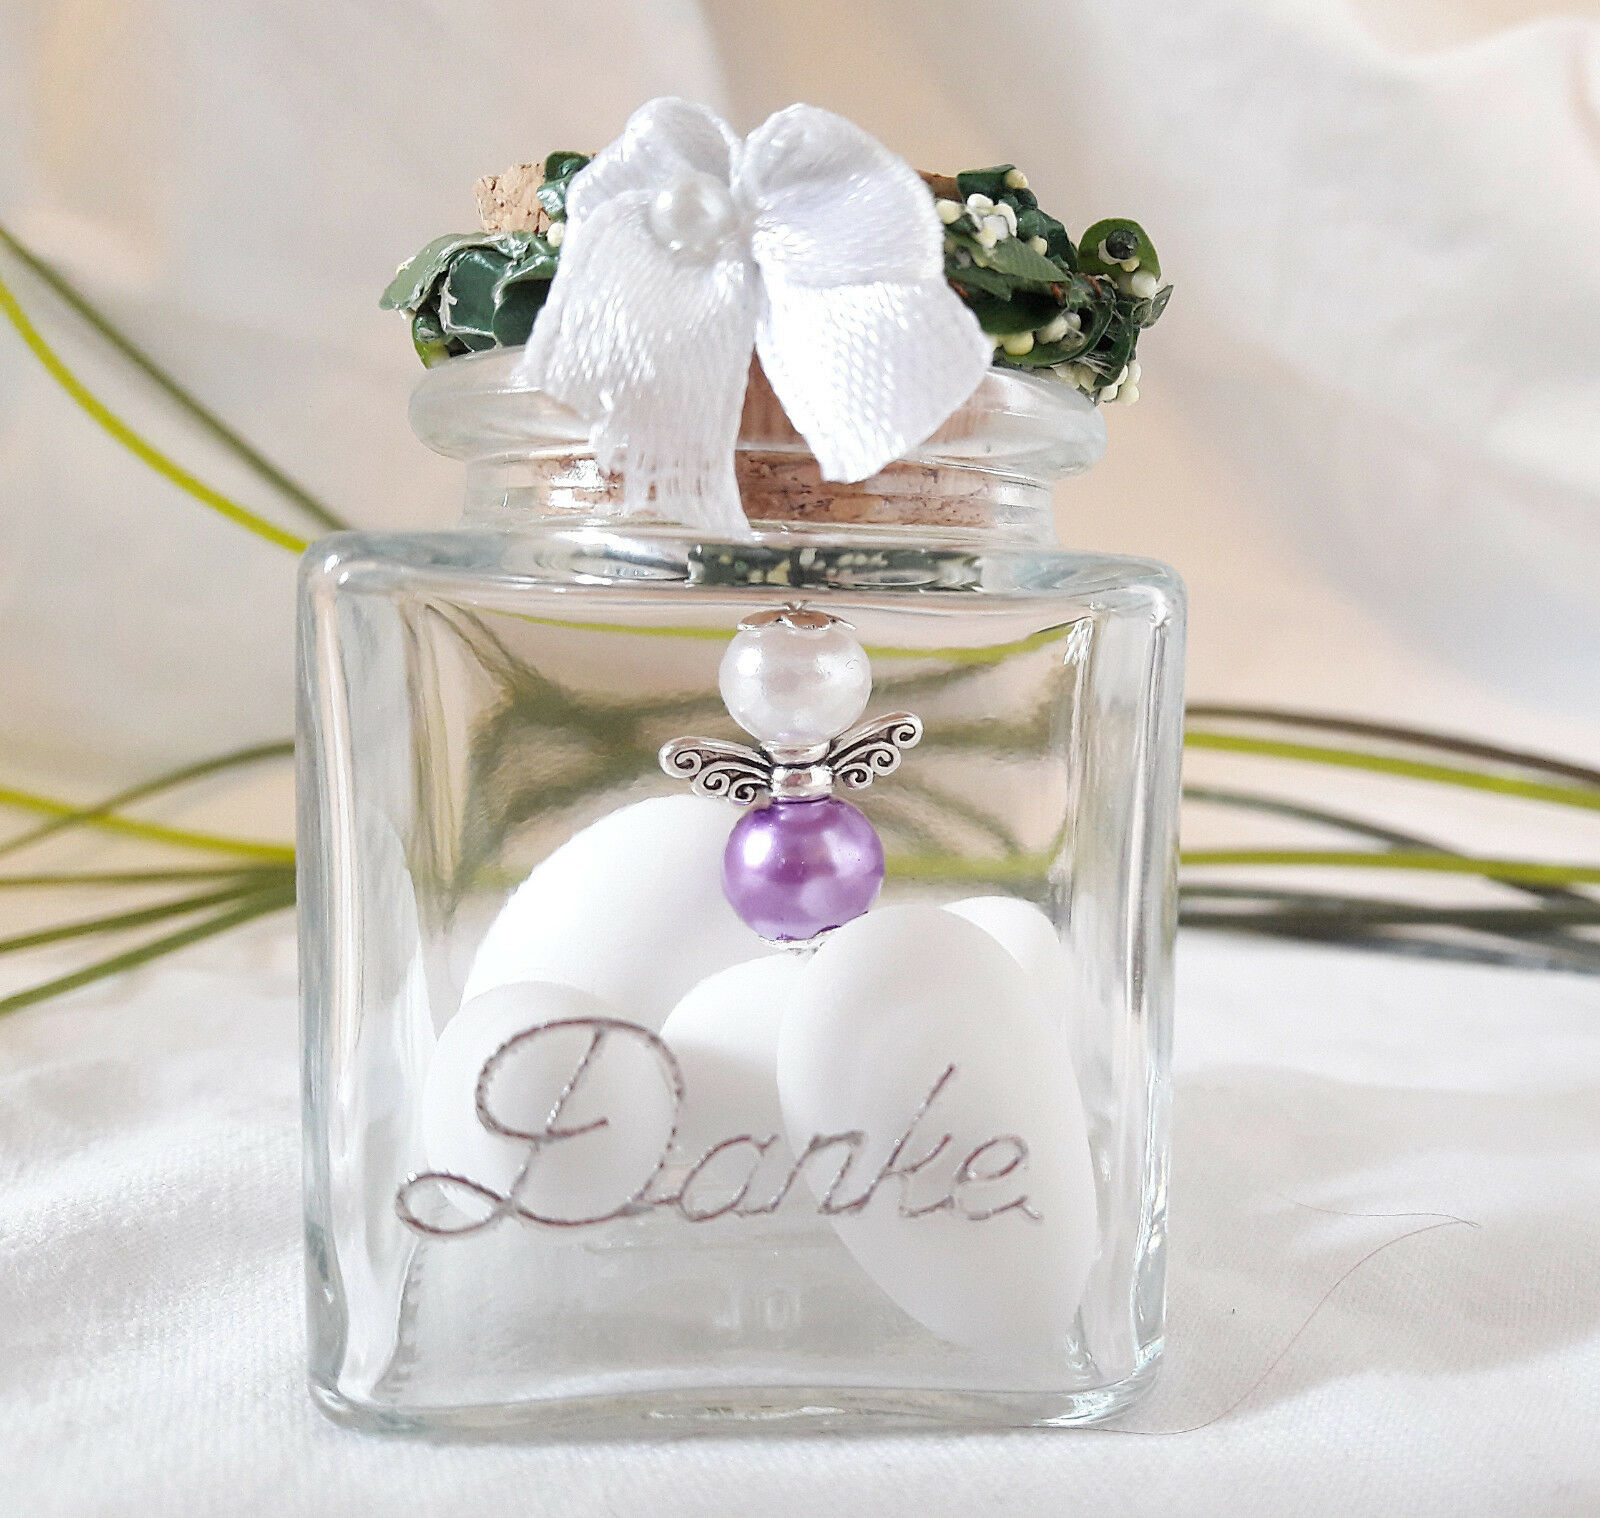 15 Schutzengel im Glas Lila  Weiss Hochzeit,Danke,Gastgeschenk,Hochzeitsmandeln